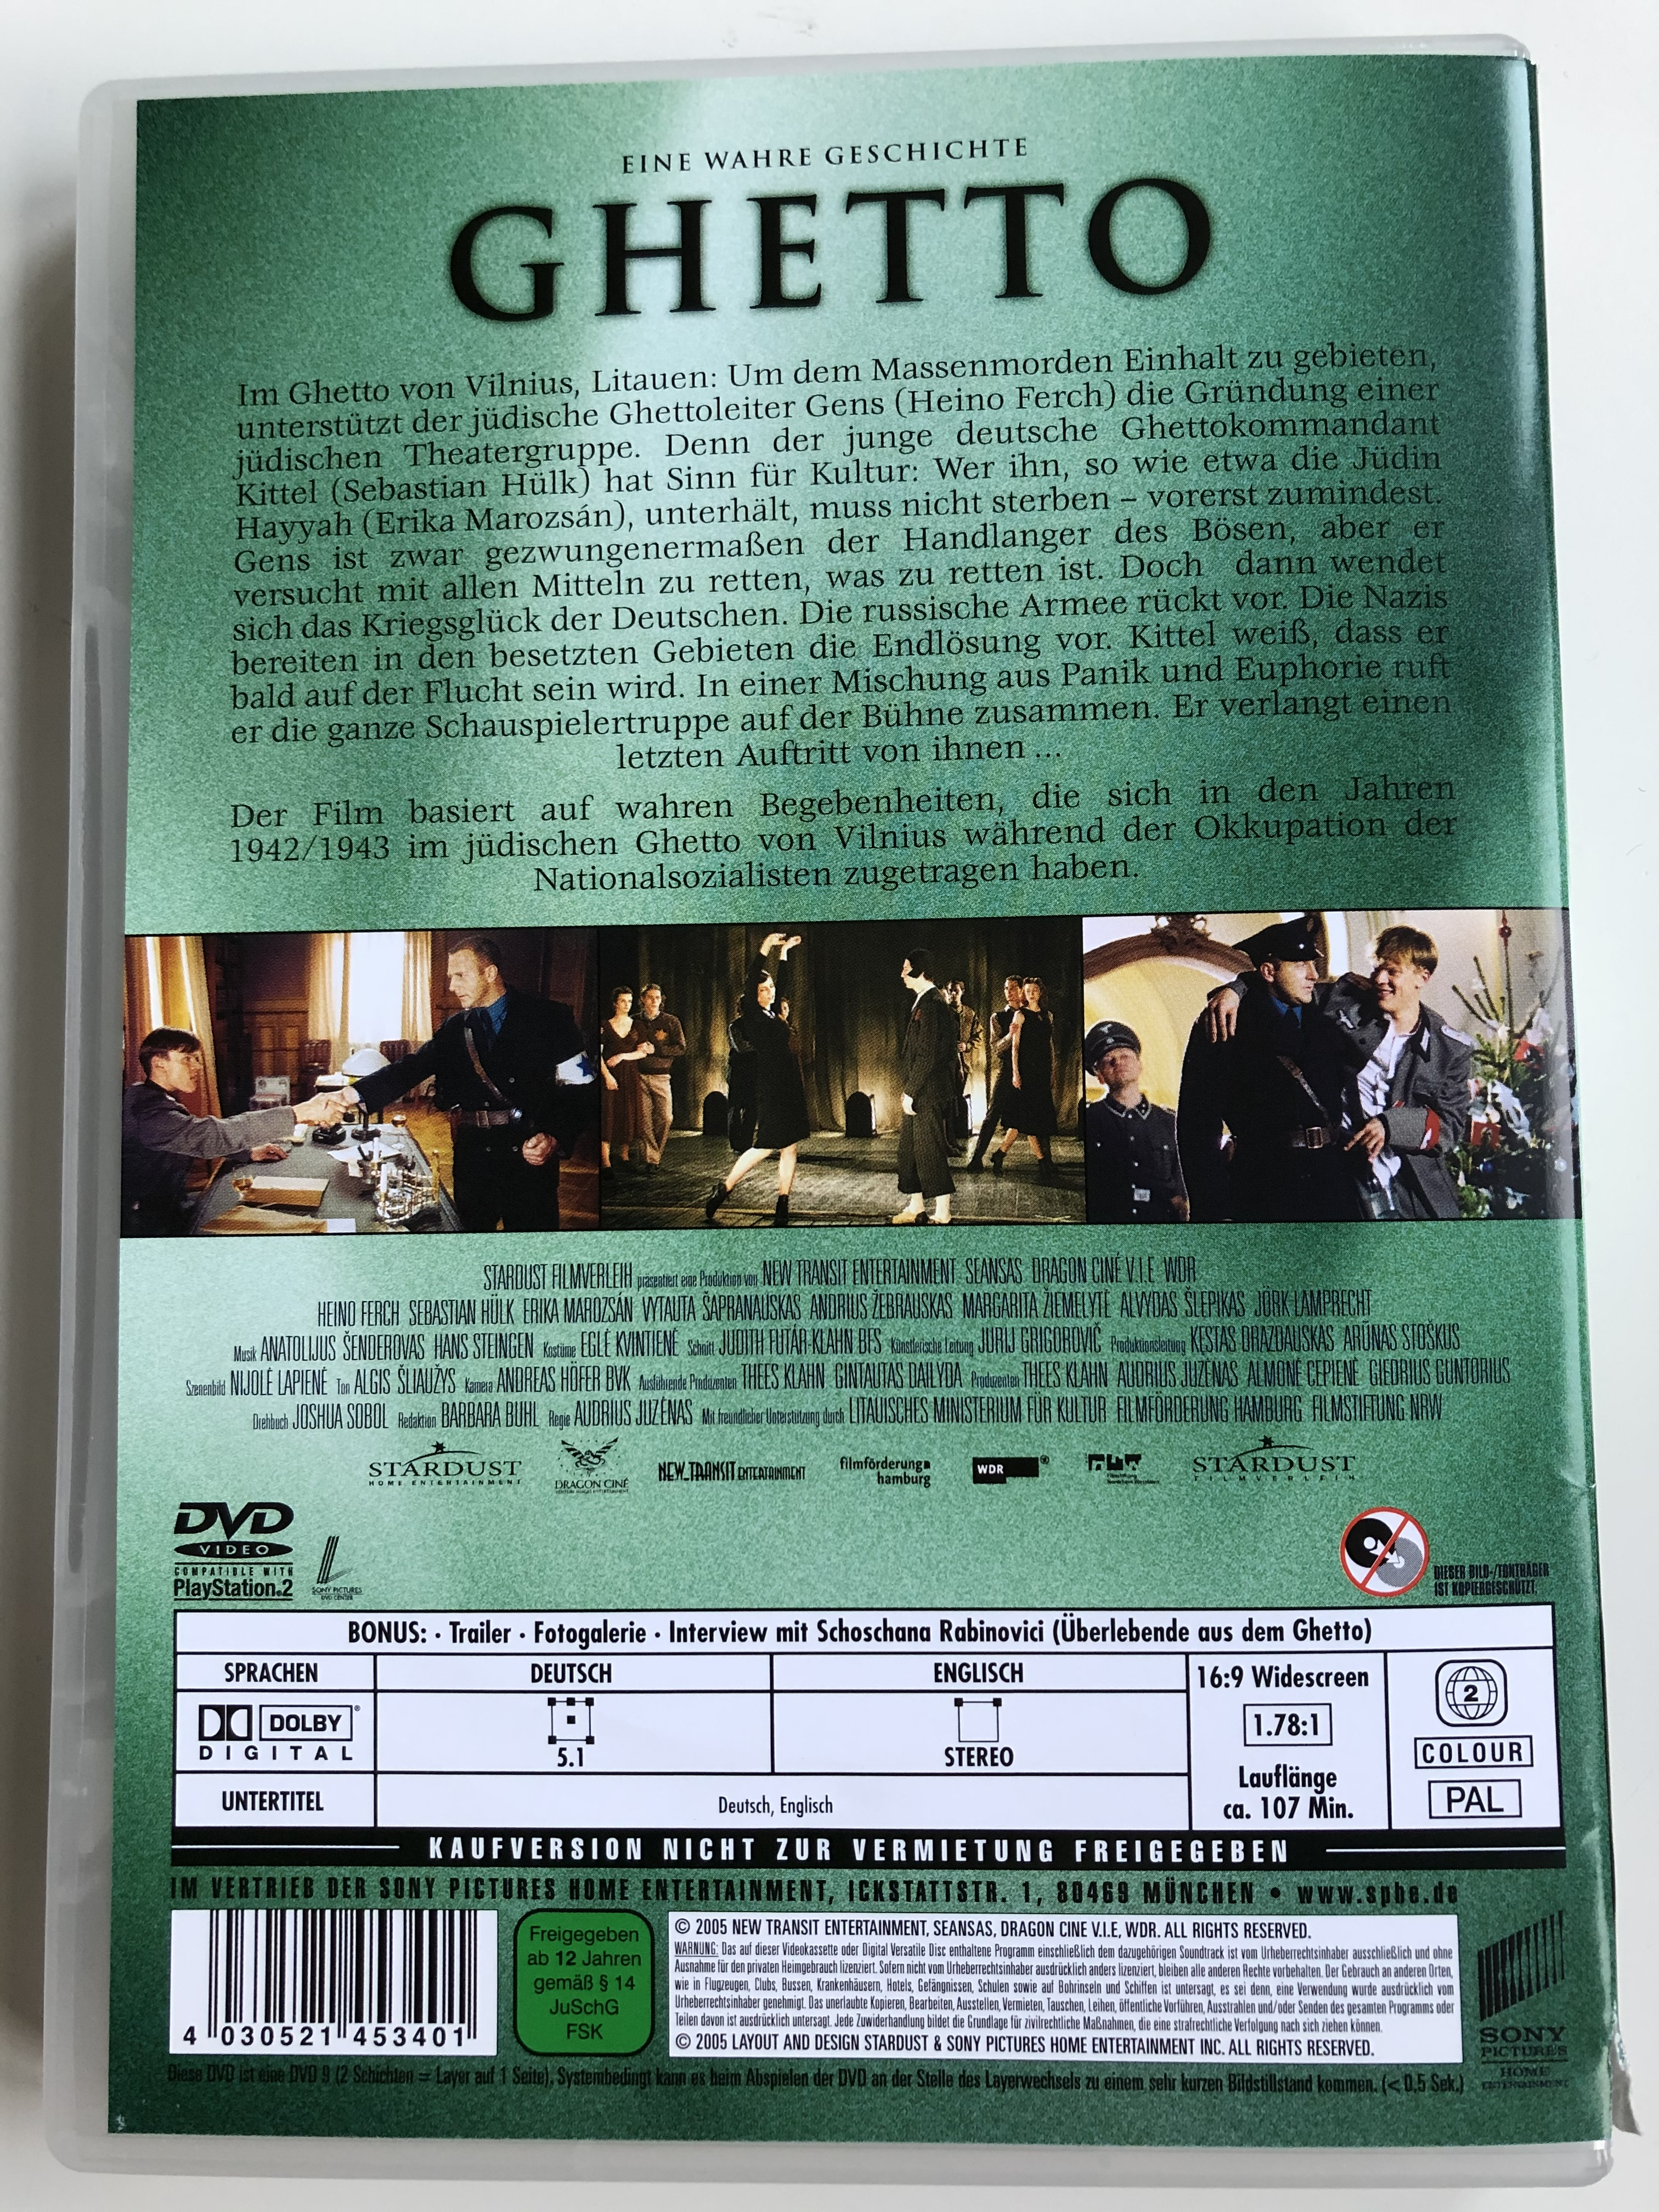 ghetto-dvd-2006-directed-by-audrius-juzenas-2.jpg